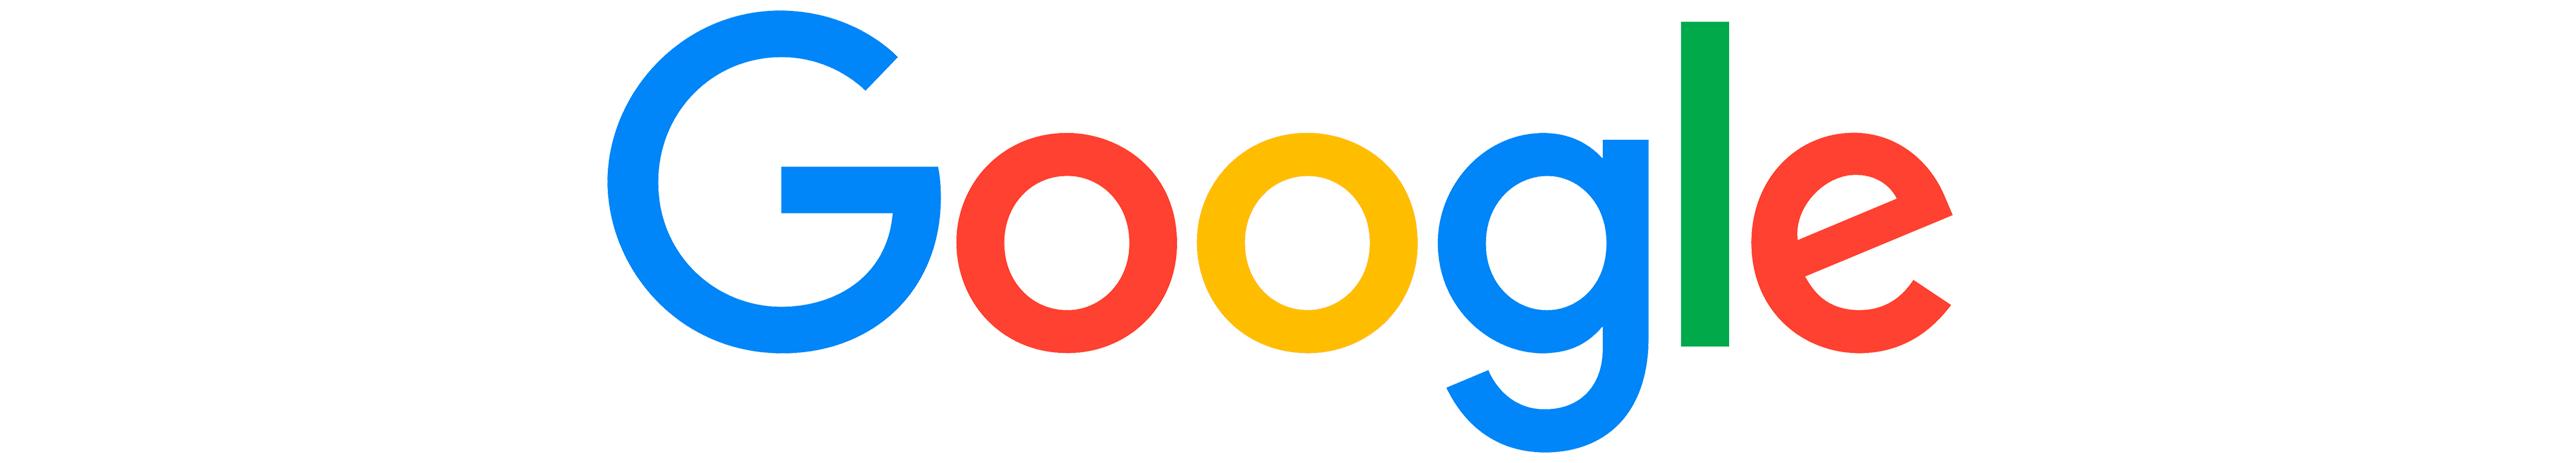 منتجات قوقل | Google Products